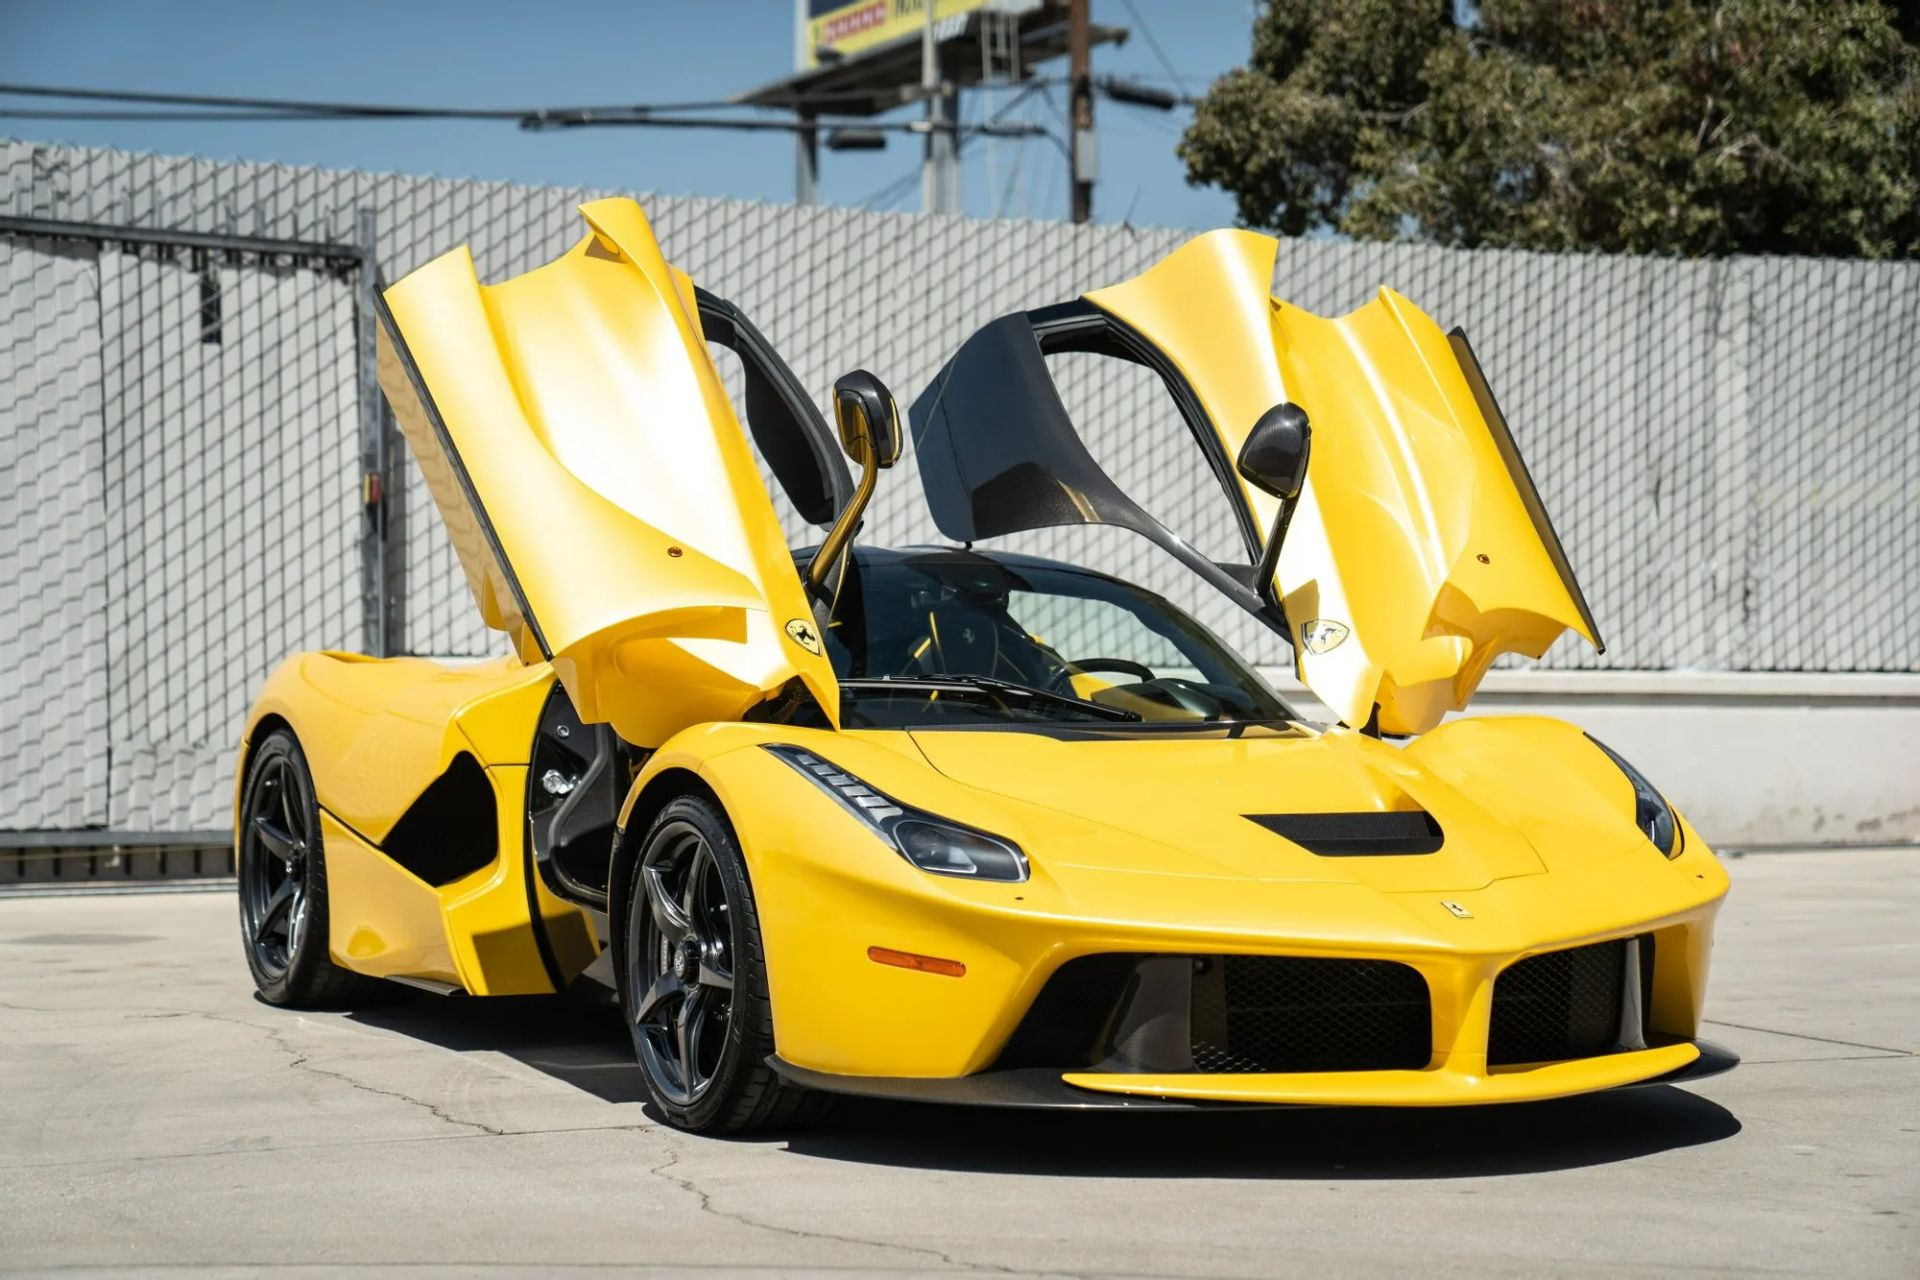 2015-La-Ferrari-Giallo-Triplo-Strato-11